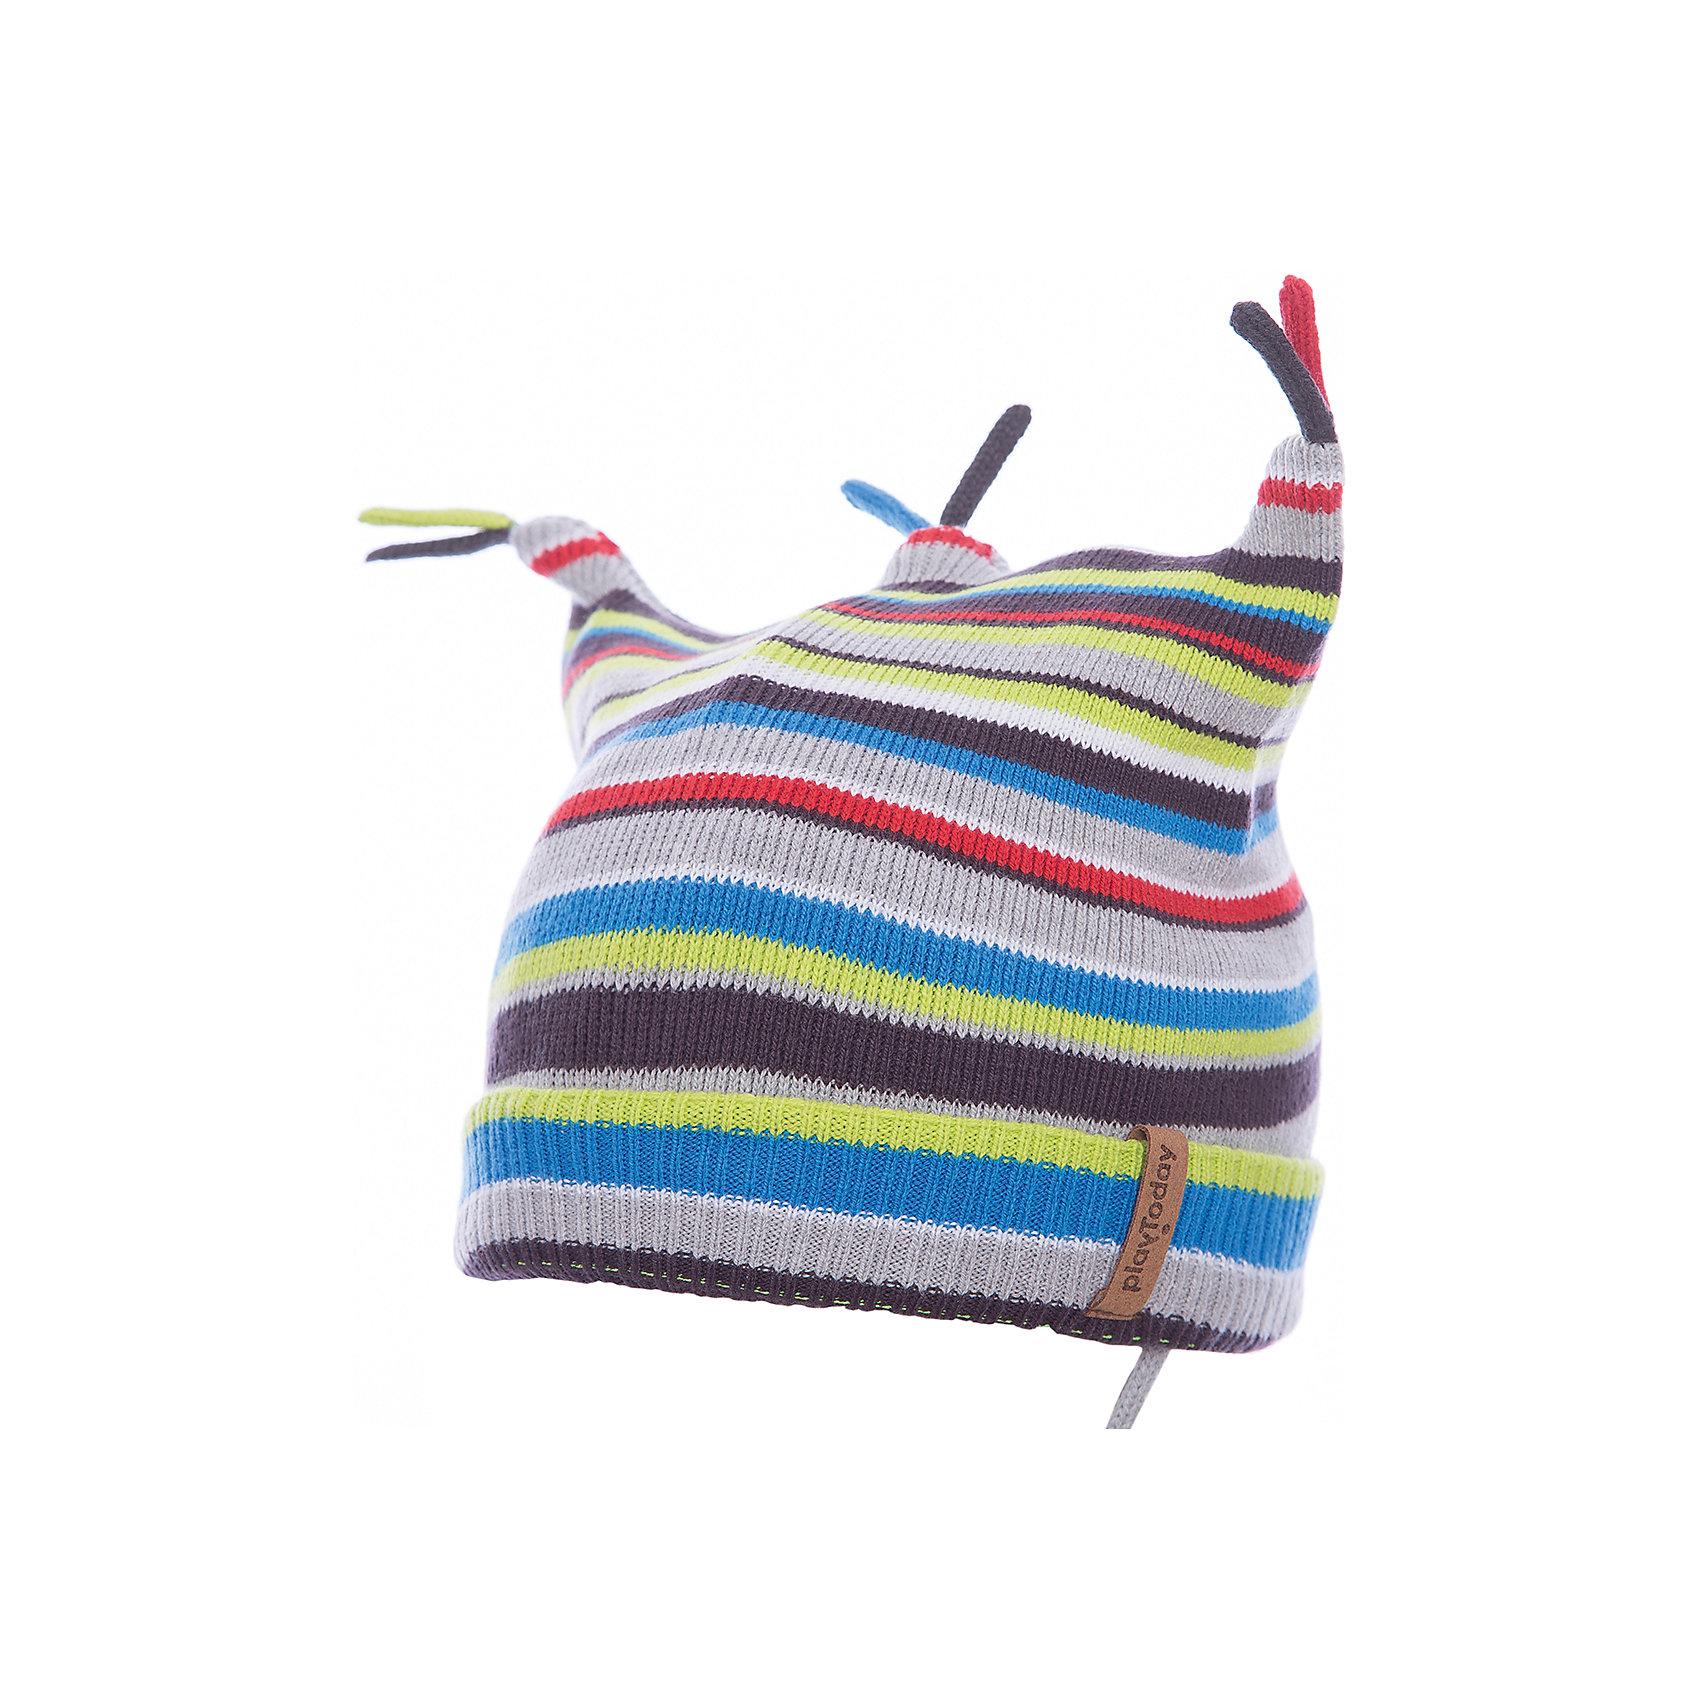 Шапка PlayToday для мальчикаШапочки<br>Шапка PlayToday для мальчика<br>Двуслойная шапка из трикотажа - отличное решение для холодной погоды. Модель на завязках, дополнена оригинальными помпонами - кисточками. Необычная конструкция шапки создает эффект ушек.  Модель выполнена в технике yarn dyed -  в процессе производства используются разного цвета нити. При рекомендуемом уходе изделие не линяет и надолго остается в первоначальном виде.<br>Состав:<br>60% хлопок, 40% акрил<br><br>Ширина мм: 89<br>Глубина мм: 117<br>Высота мм: 44<br>Вес г: 155<br>Цвет: белый<br>Возраст от месяцев: 12<br>Возраст до месяцев: 18<br>Пол: Мужской<br>Возраст: Детский<br>Размер: 48,46<br>SKU: 7109827